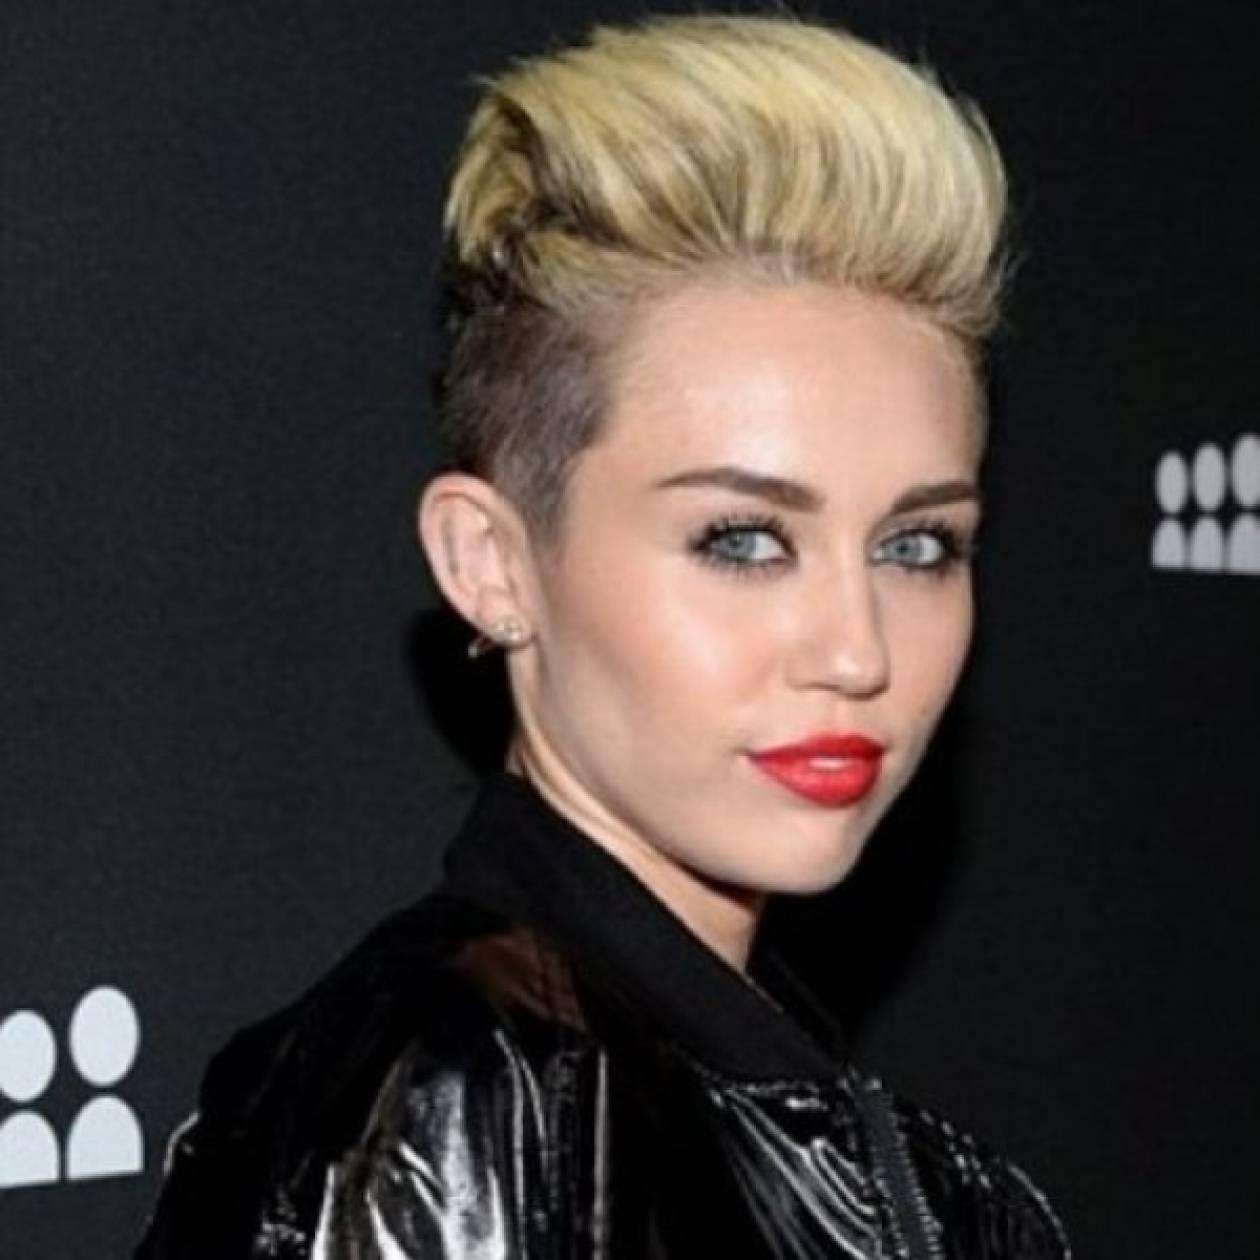 Δείτε πώς ήταν η Miley Cyrus πριν την Hannah Montana